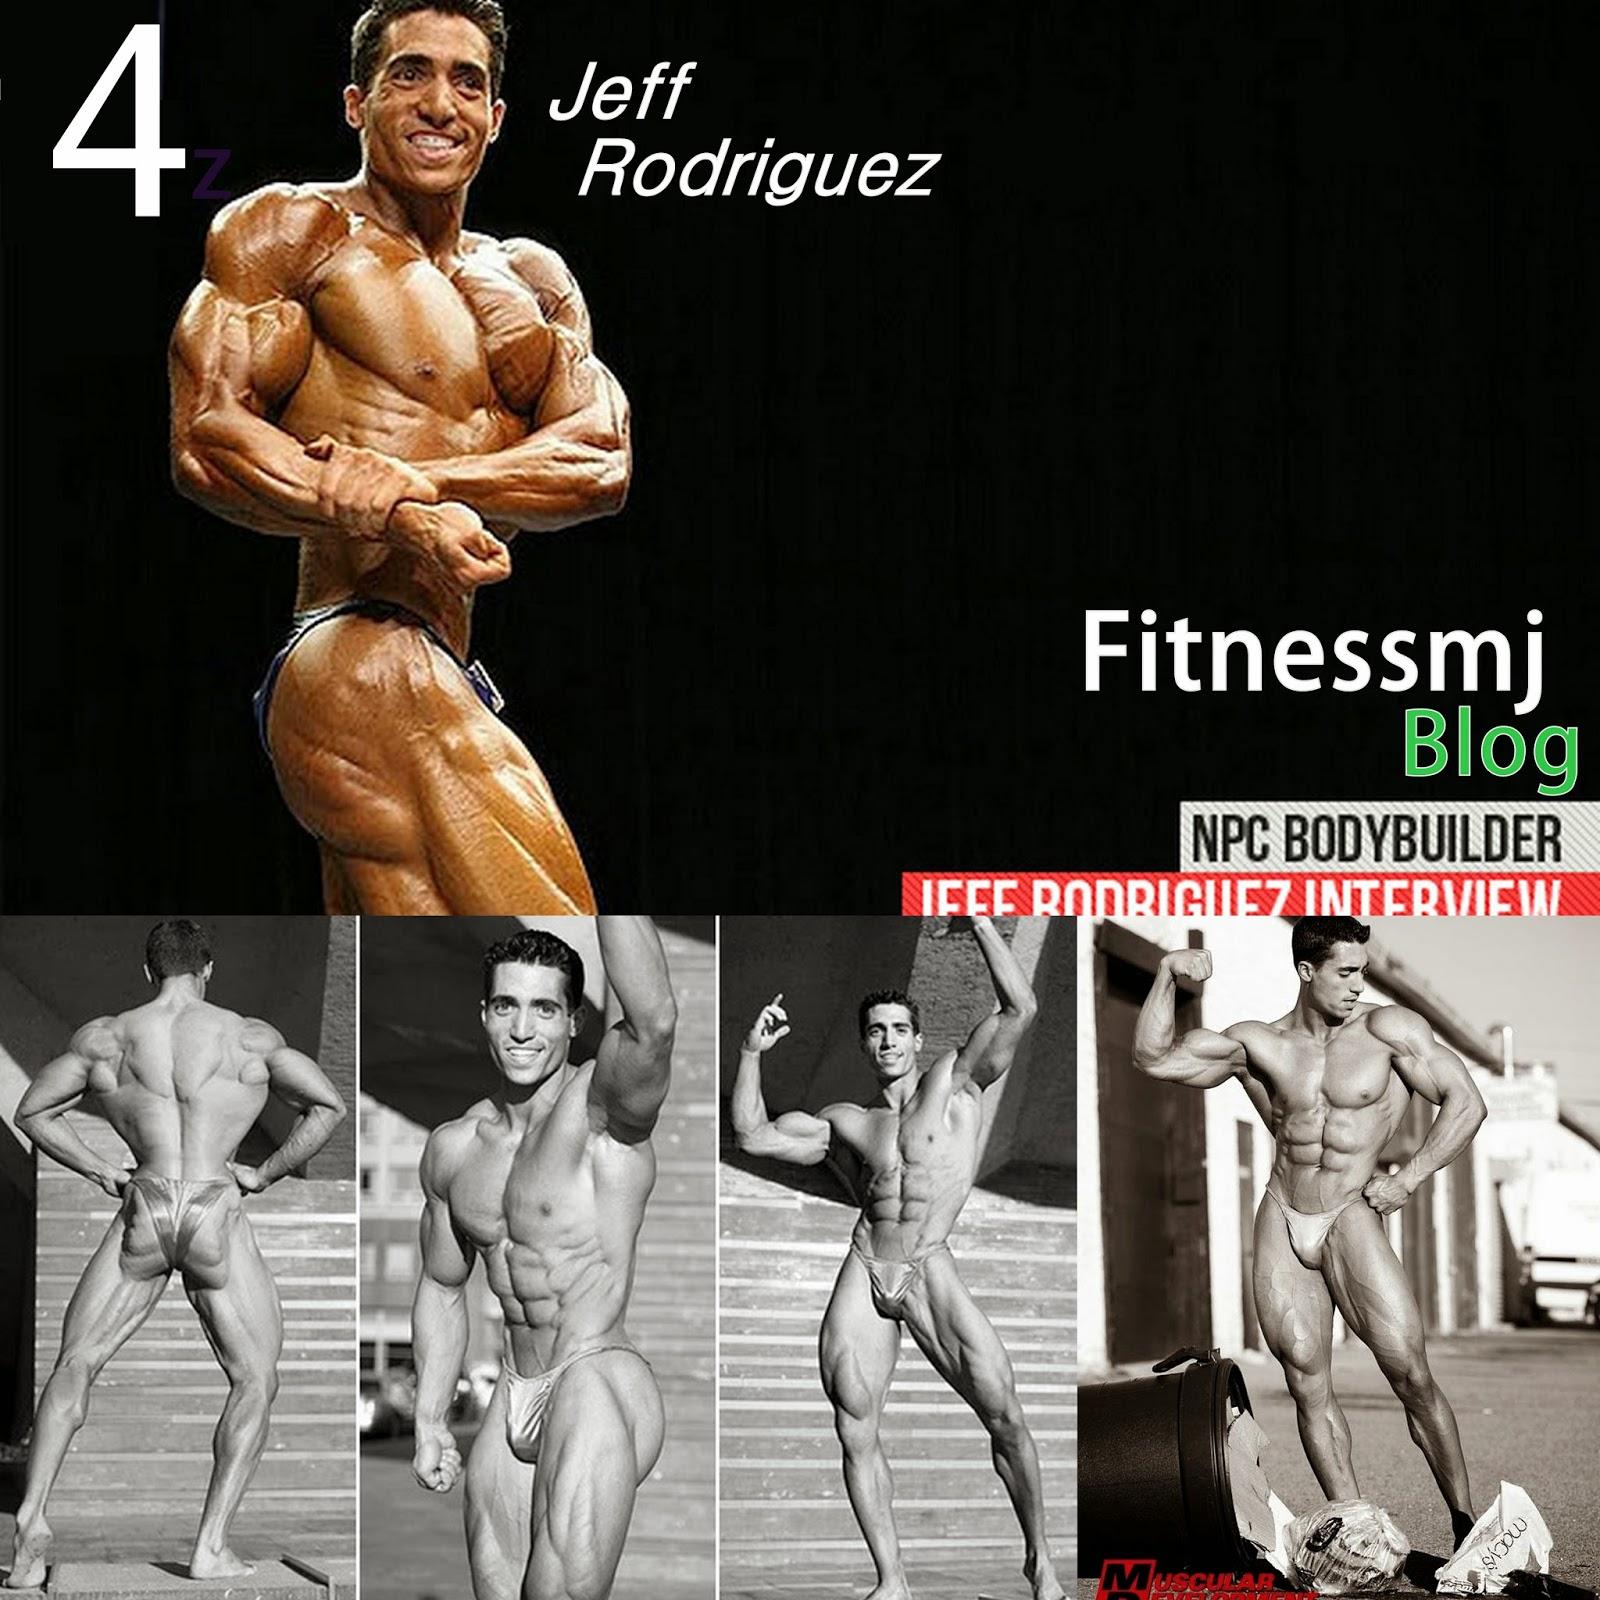 Top 5 natural bodybuilders - AESTHETIC BODYBUILDING